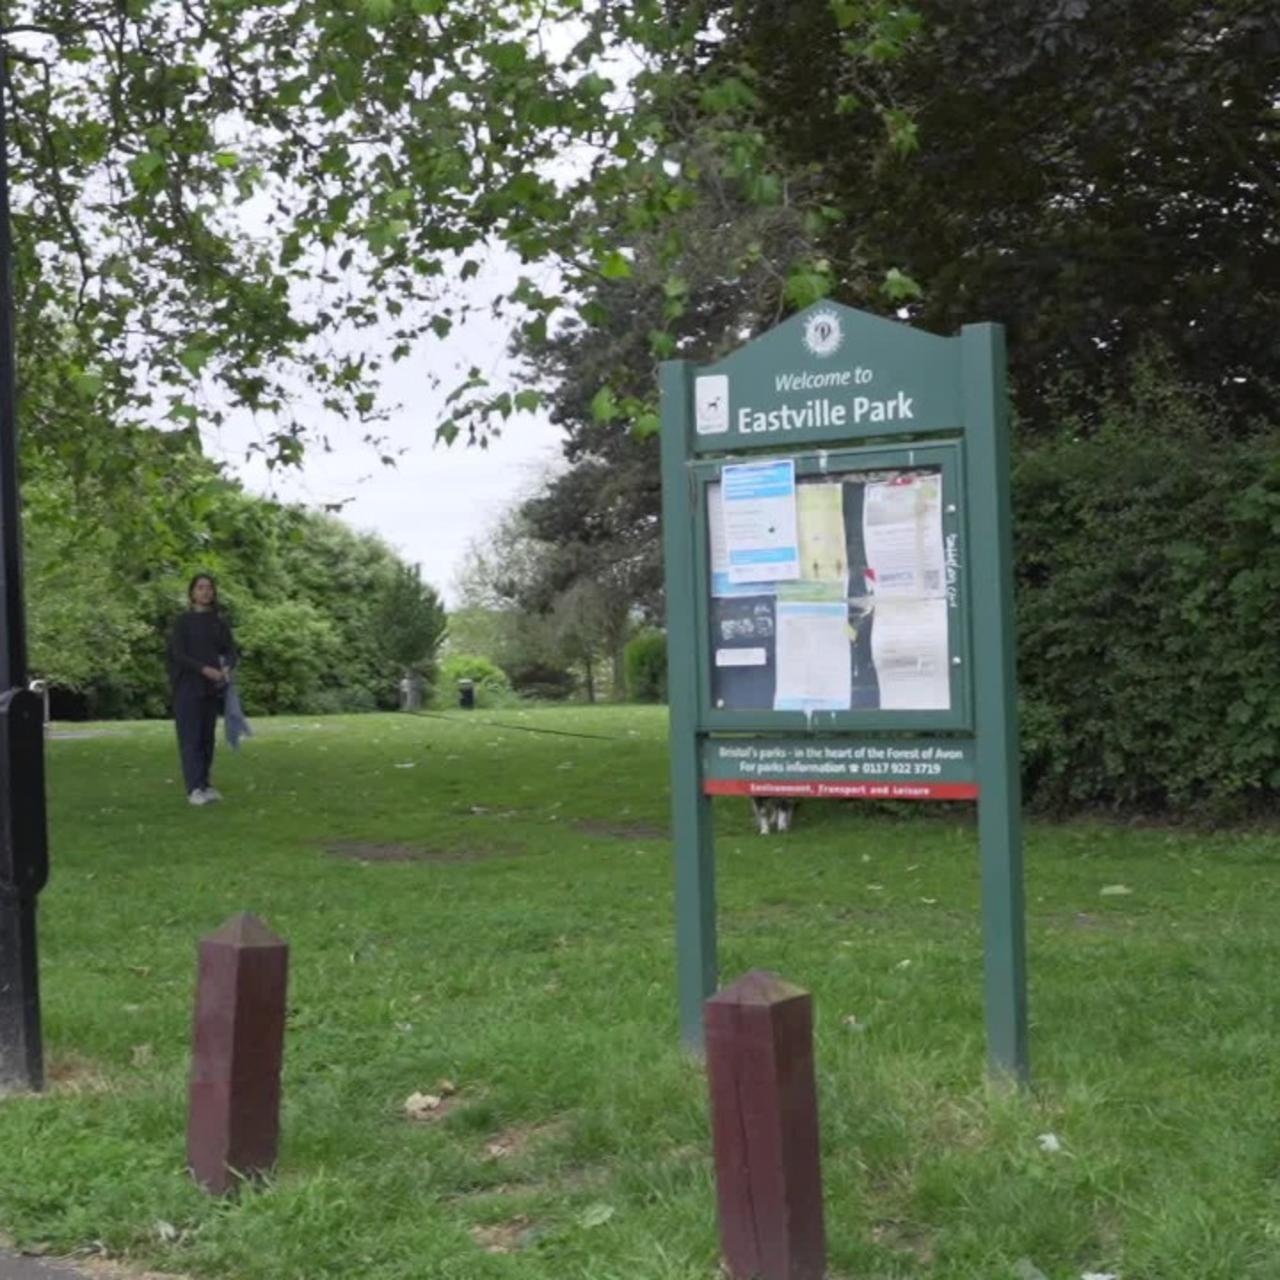 BigCityLife - 1:1 Eastville Park Walk-In Vaccine Clinic